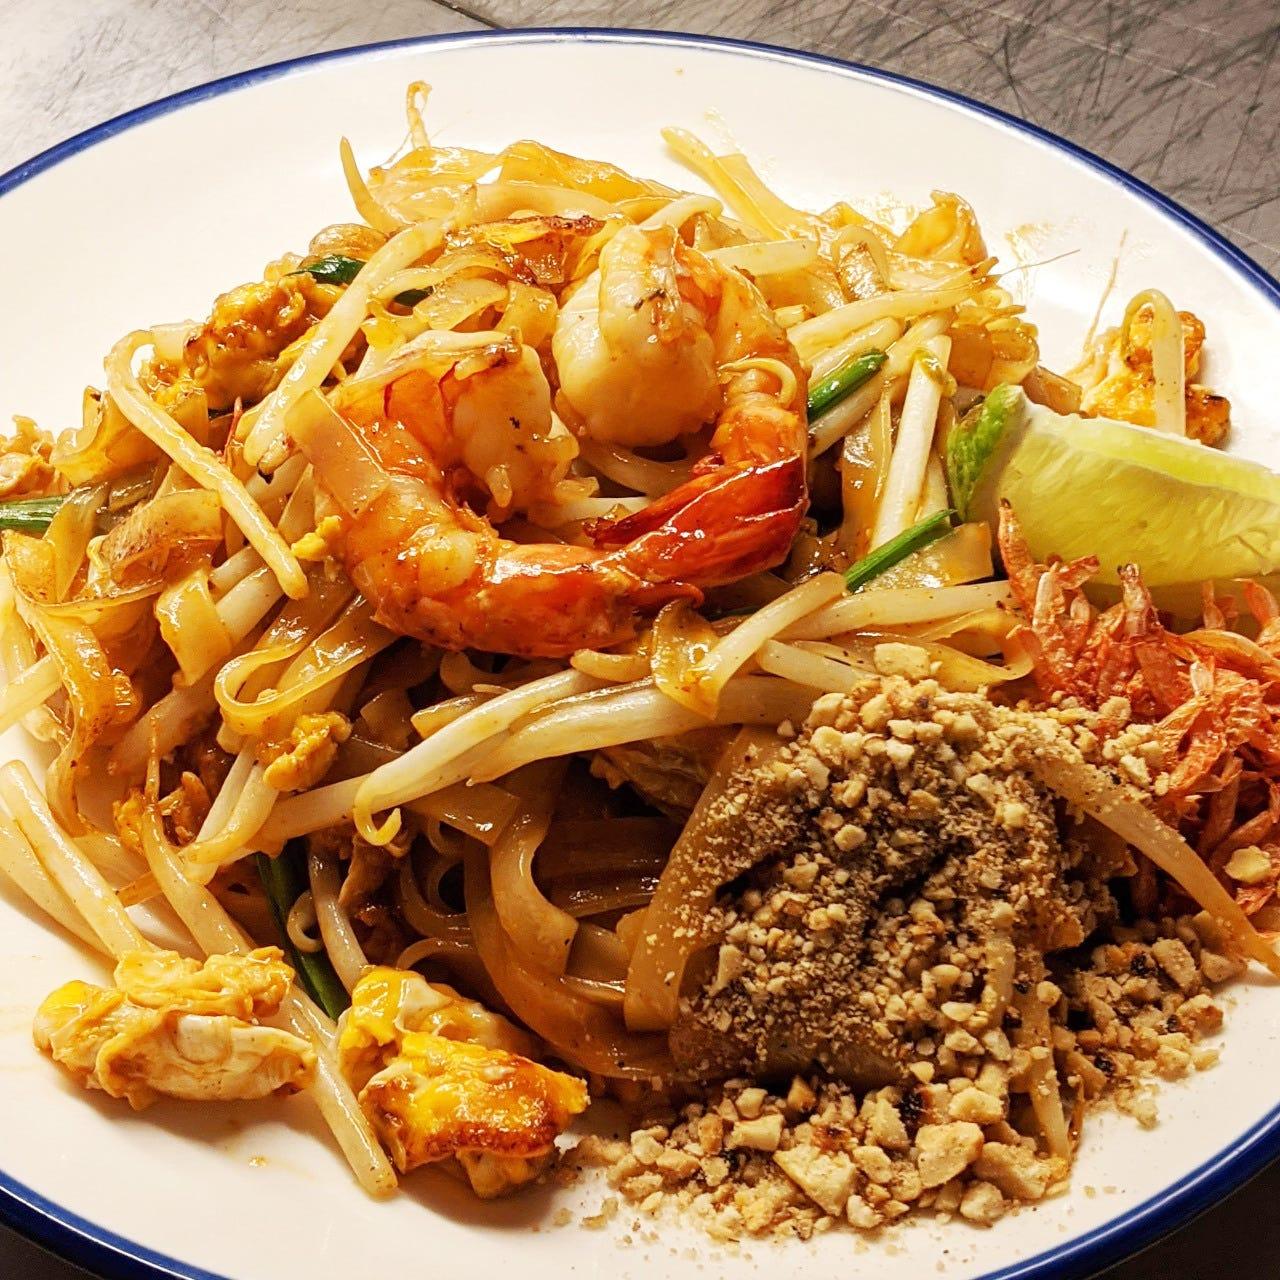 タイ直輸入の食材を活かして